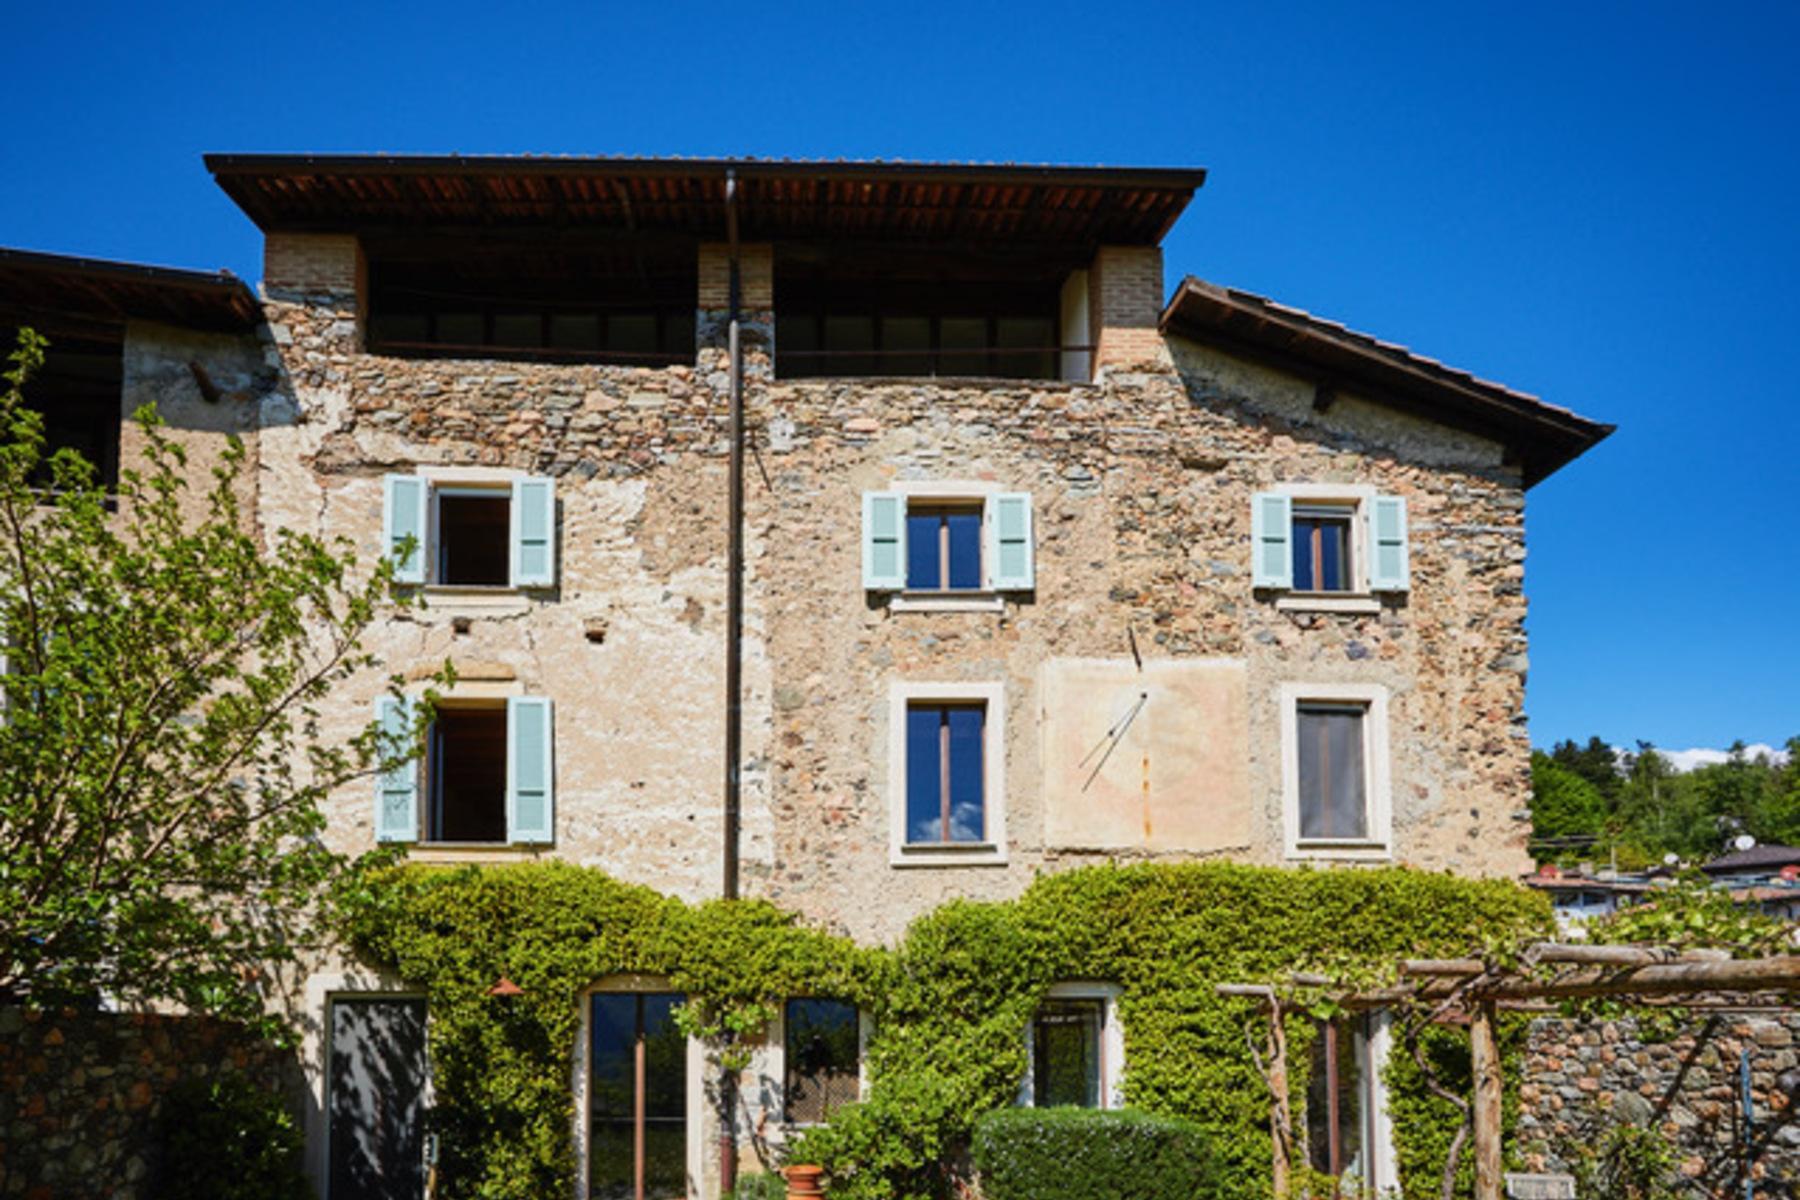 独户住宅 为 销售 在 For sale, Row house, 6914 Carona, Rif. 838351 卡罗纳, 提契诺, 6914 瑞士